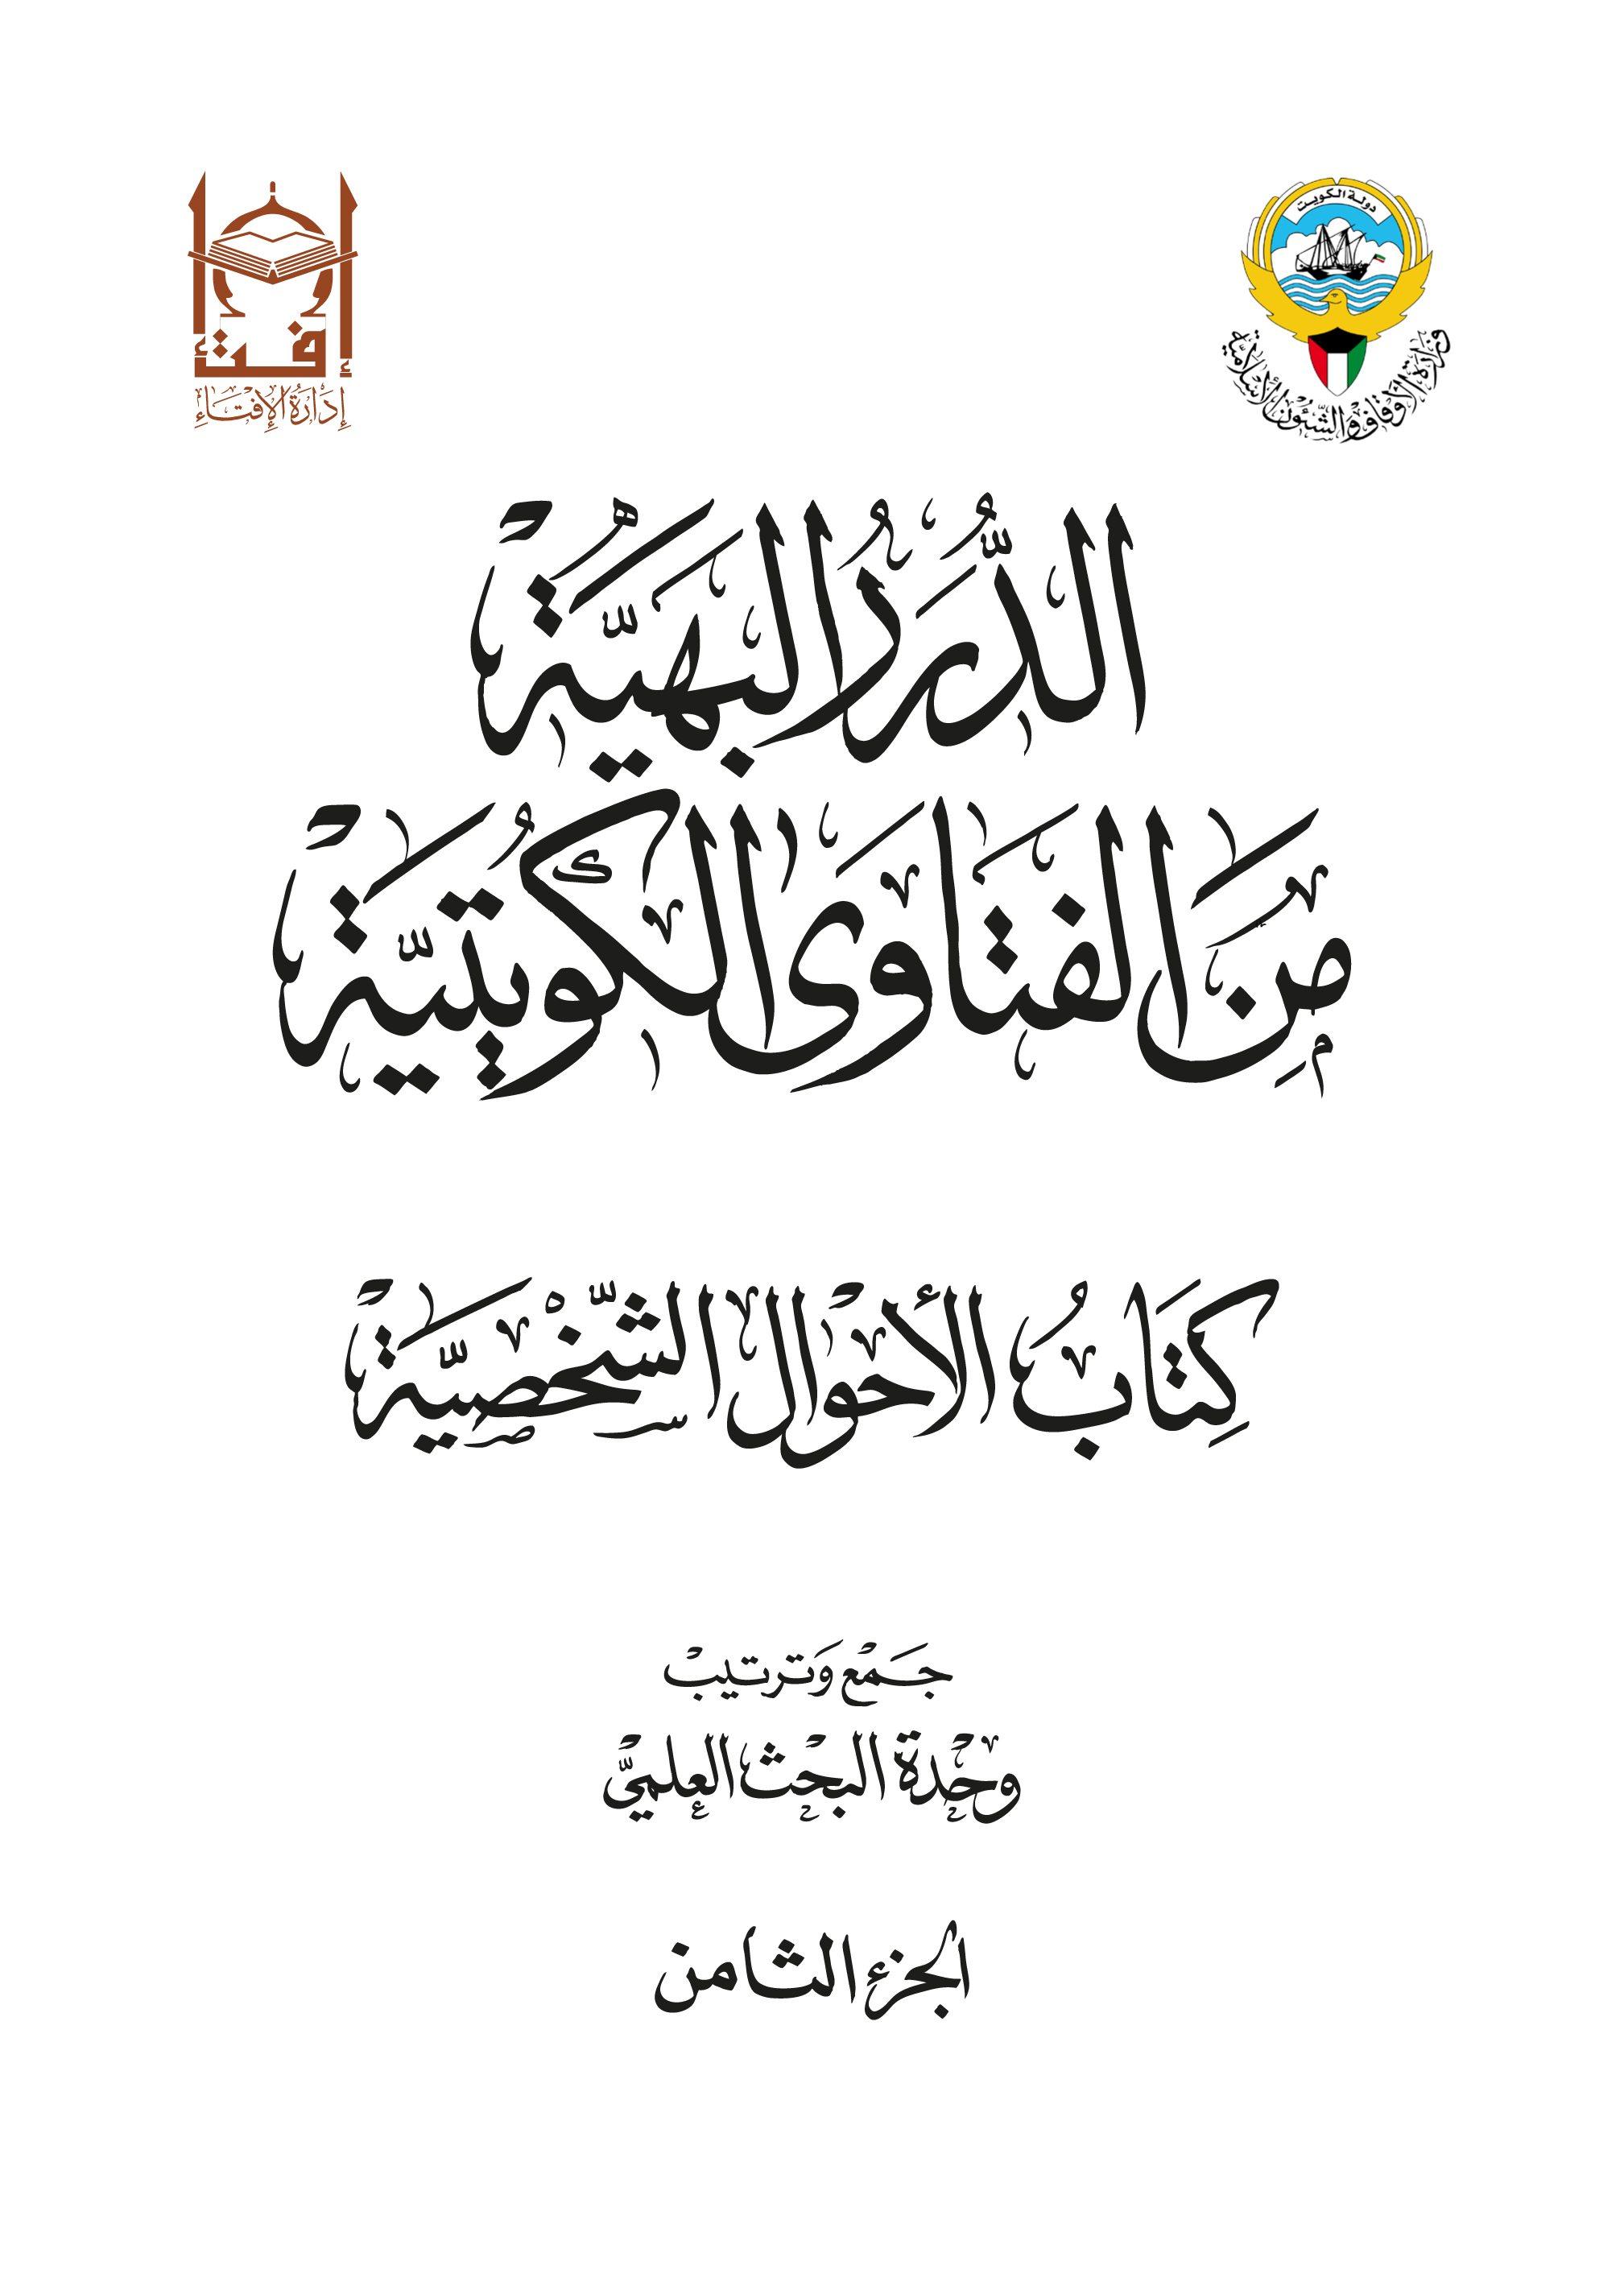 الدرر البهية من الفتاوى الكويتية - كتاب الأحول الشخصية (الجزء الثامن)